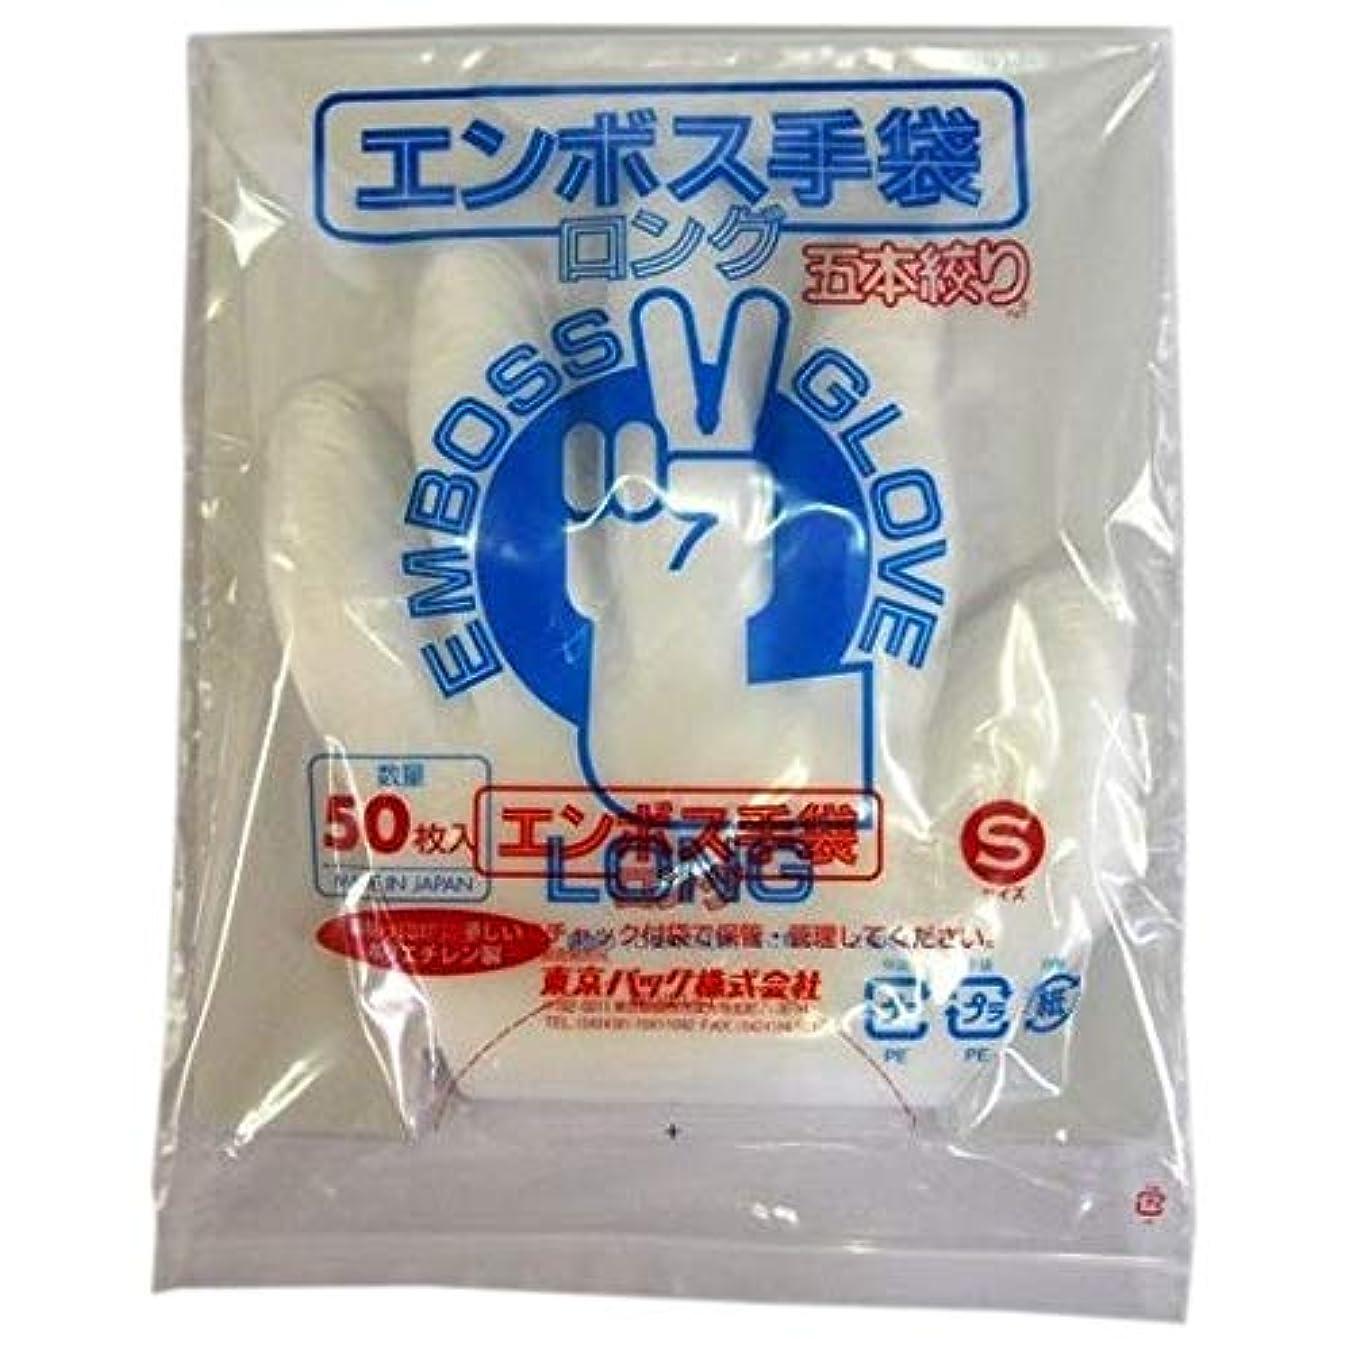 グリース骨の折れる翻訳エンボス手袋ロング 5本絞り ナチュラル S 50枚入x10袋入り